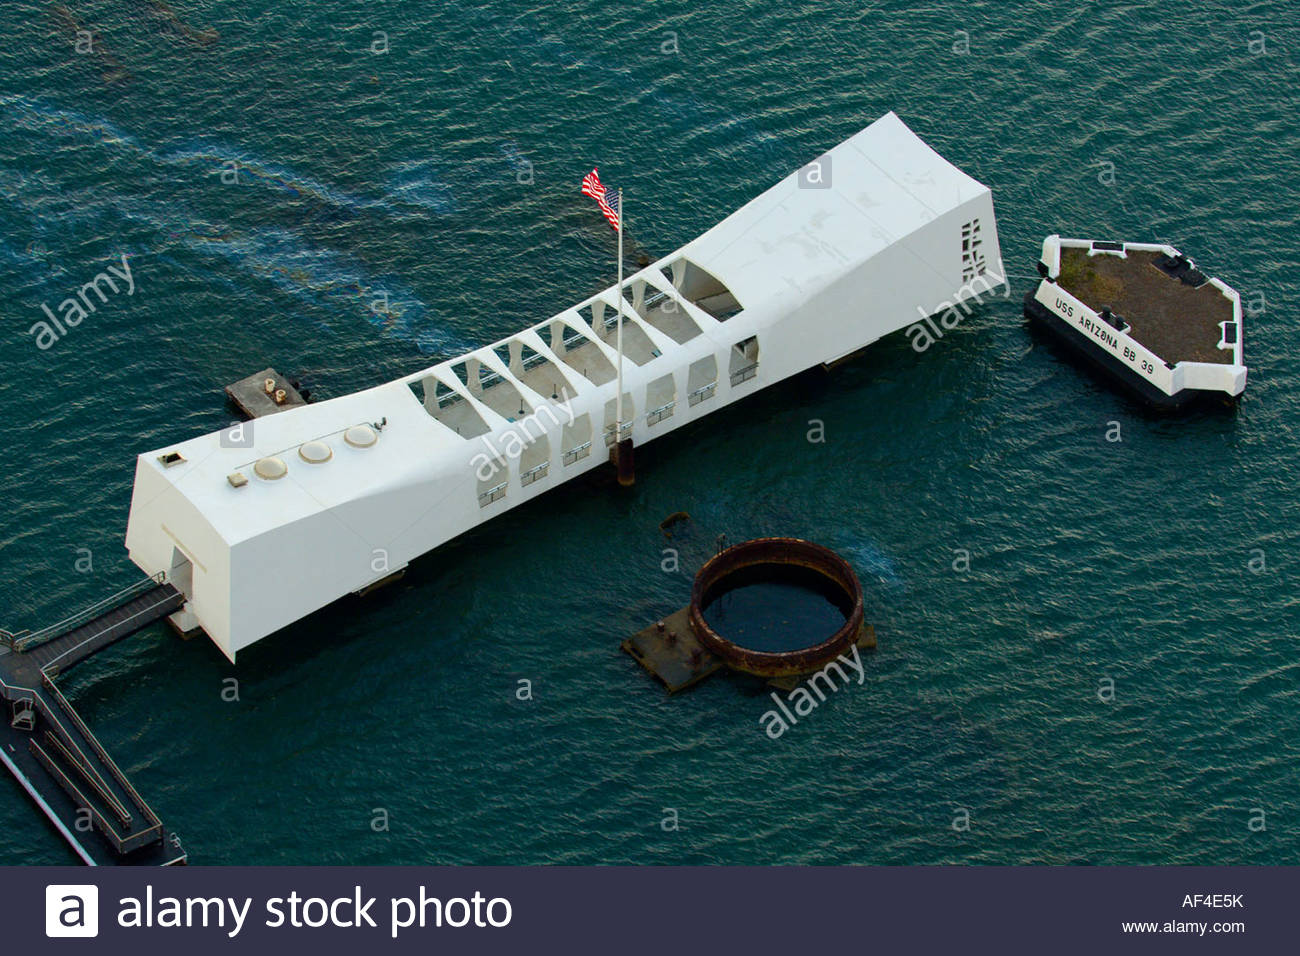 Aerial View Of The Uss Arizona Memorial Pearl Harbor